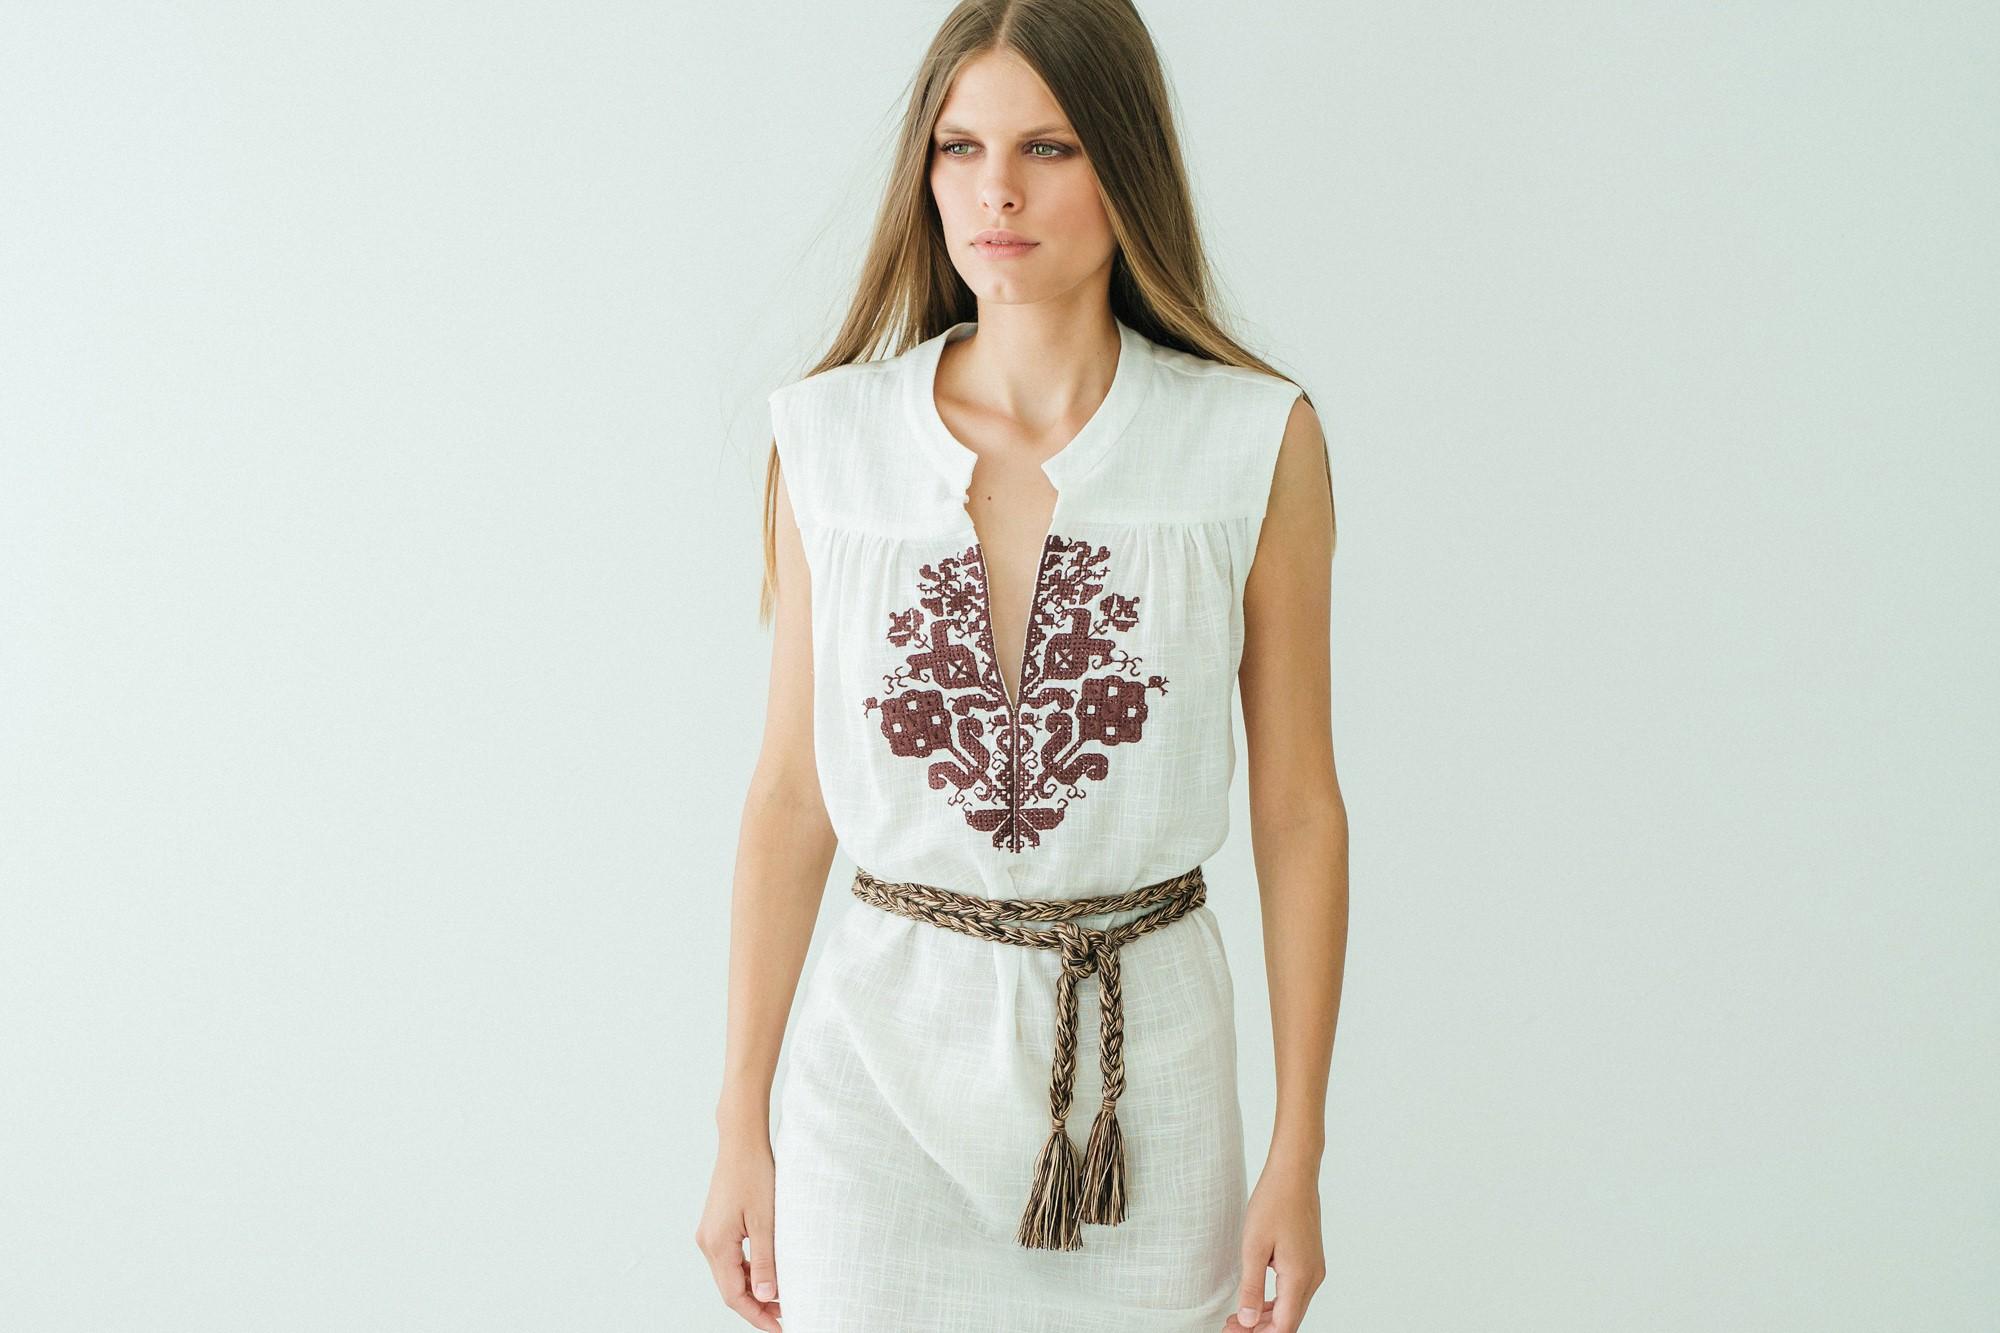 Φωτογράφιση ενδυμάτων | Φωτογράφιση ρούχων Lookbook Ancient Kallos